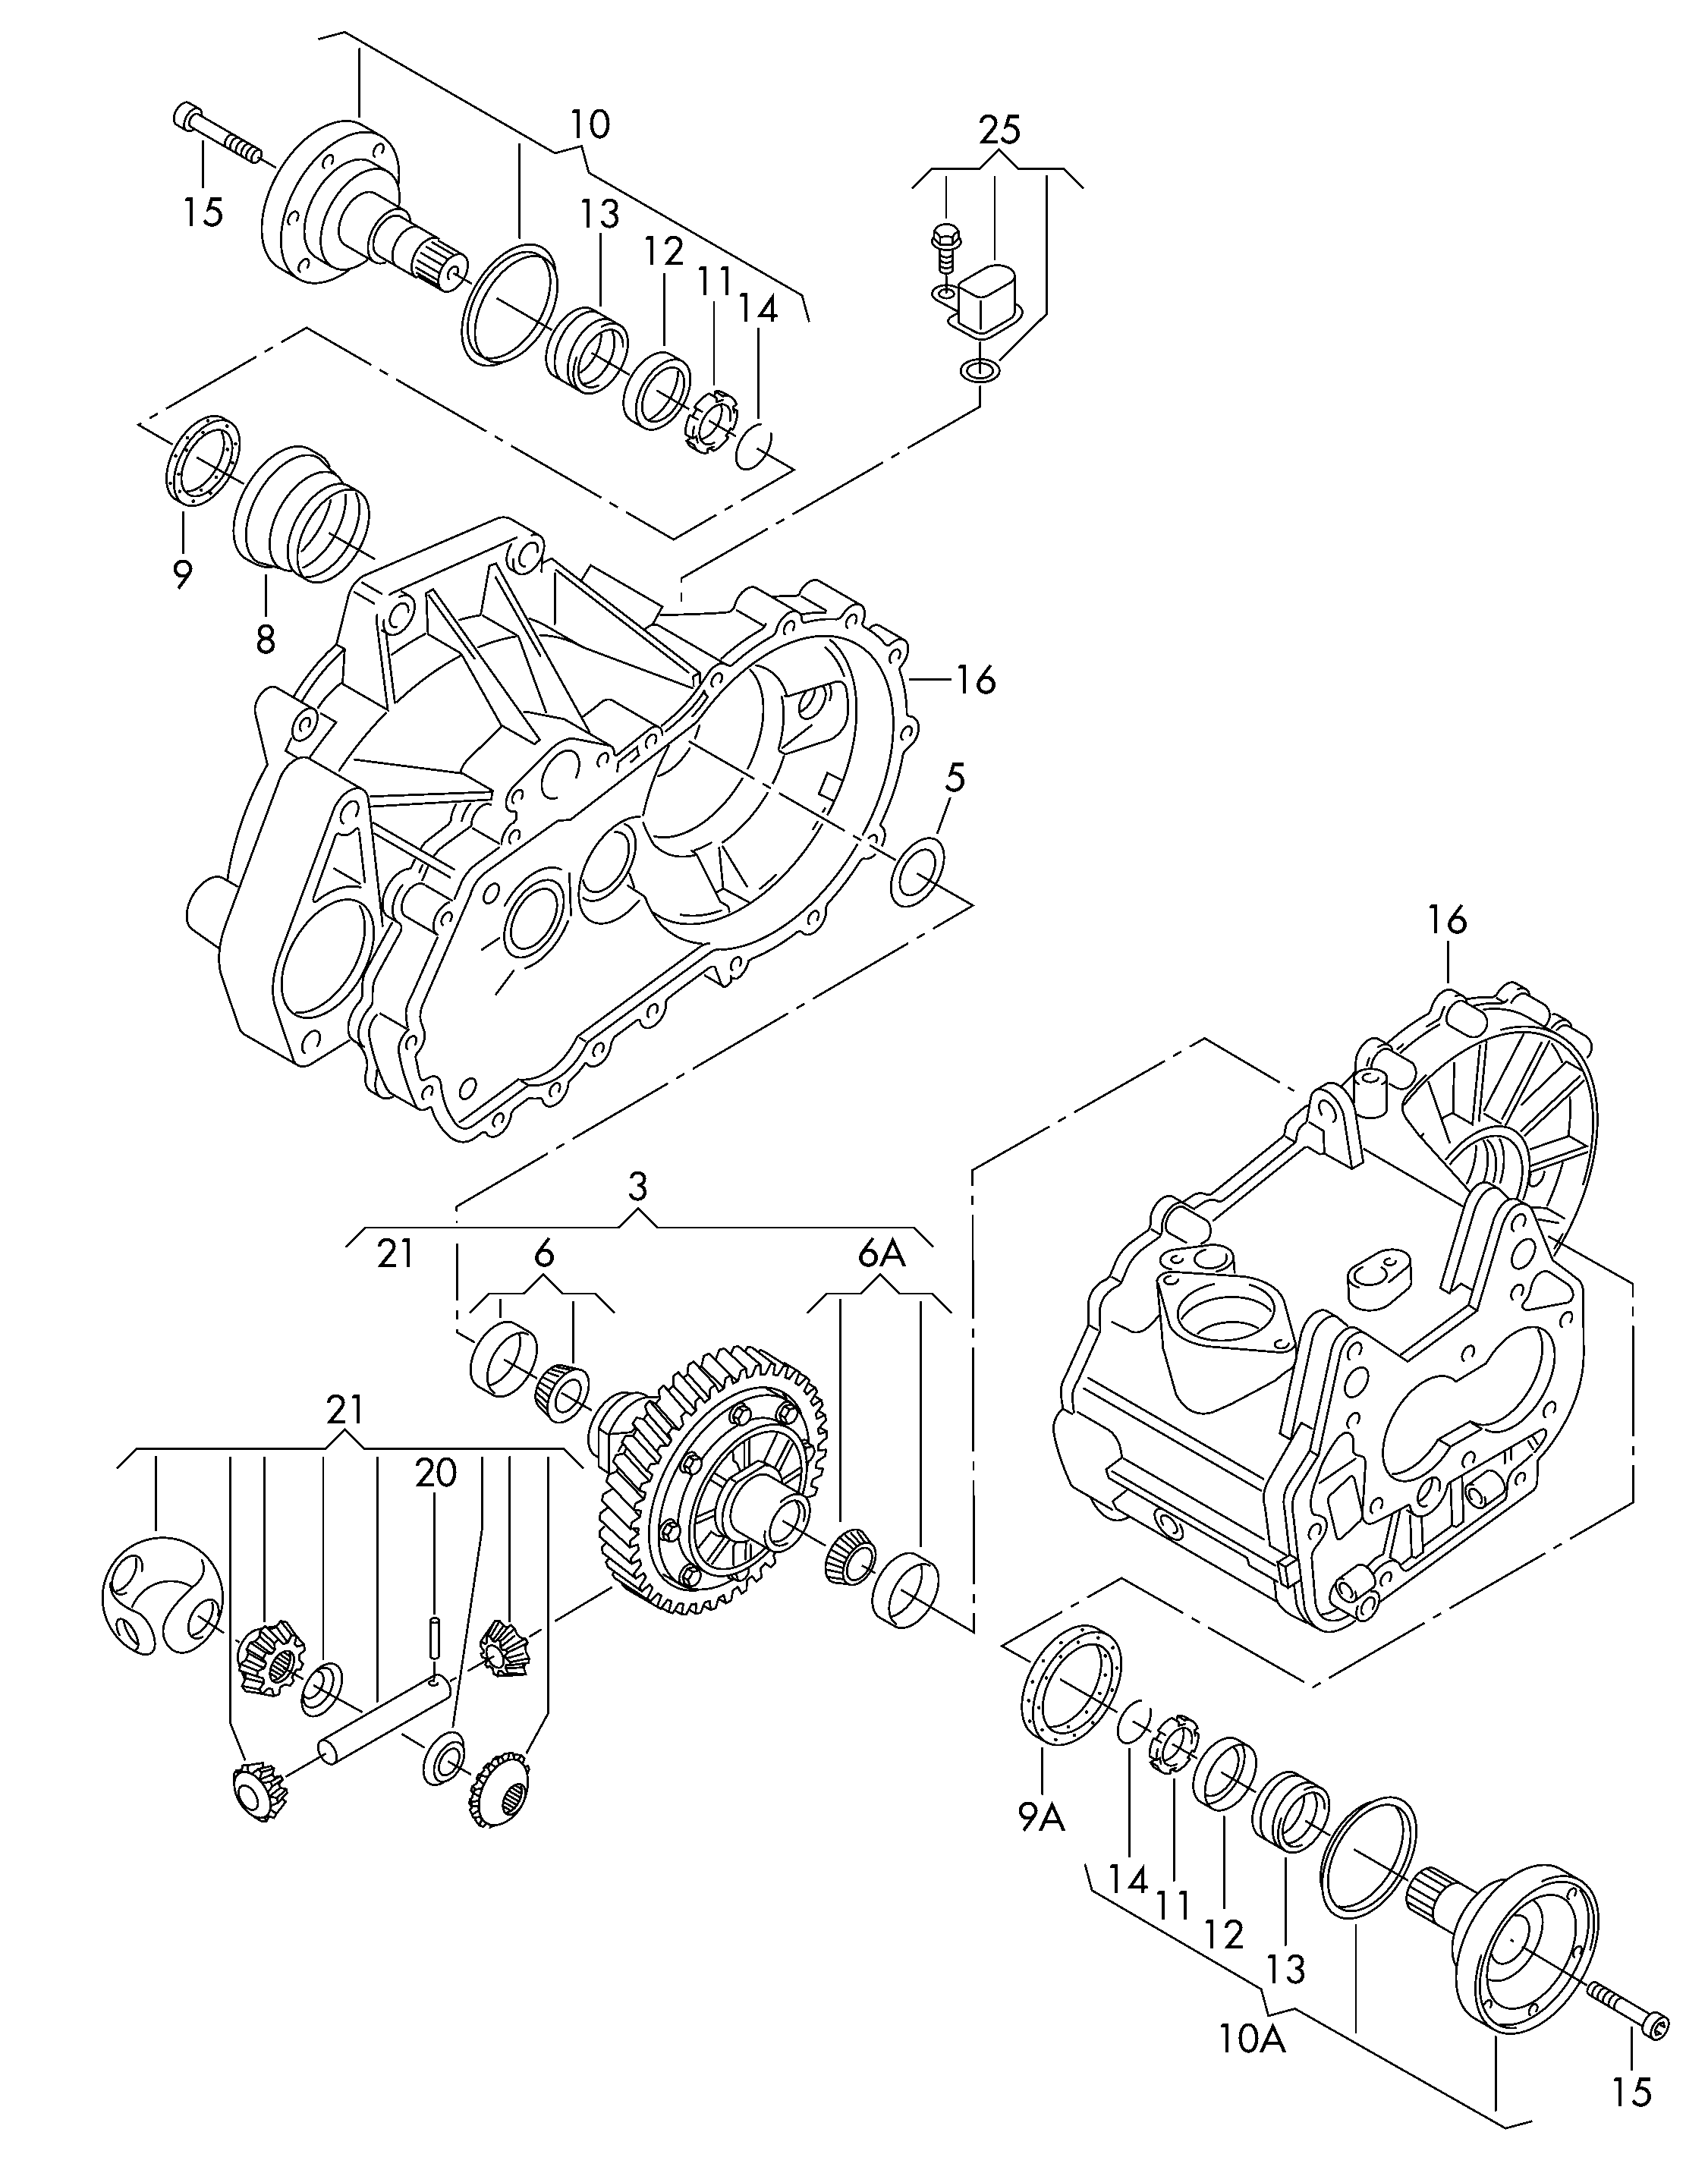 polaris sportsman 550 wiring diagram